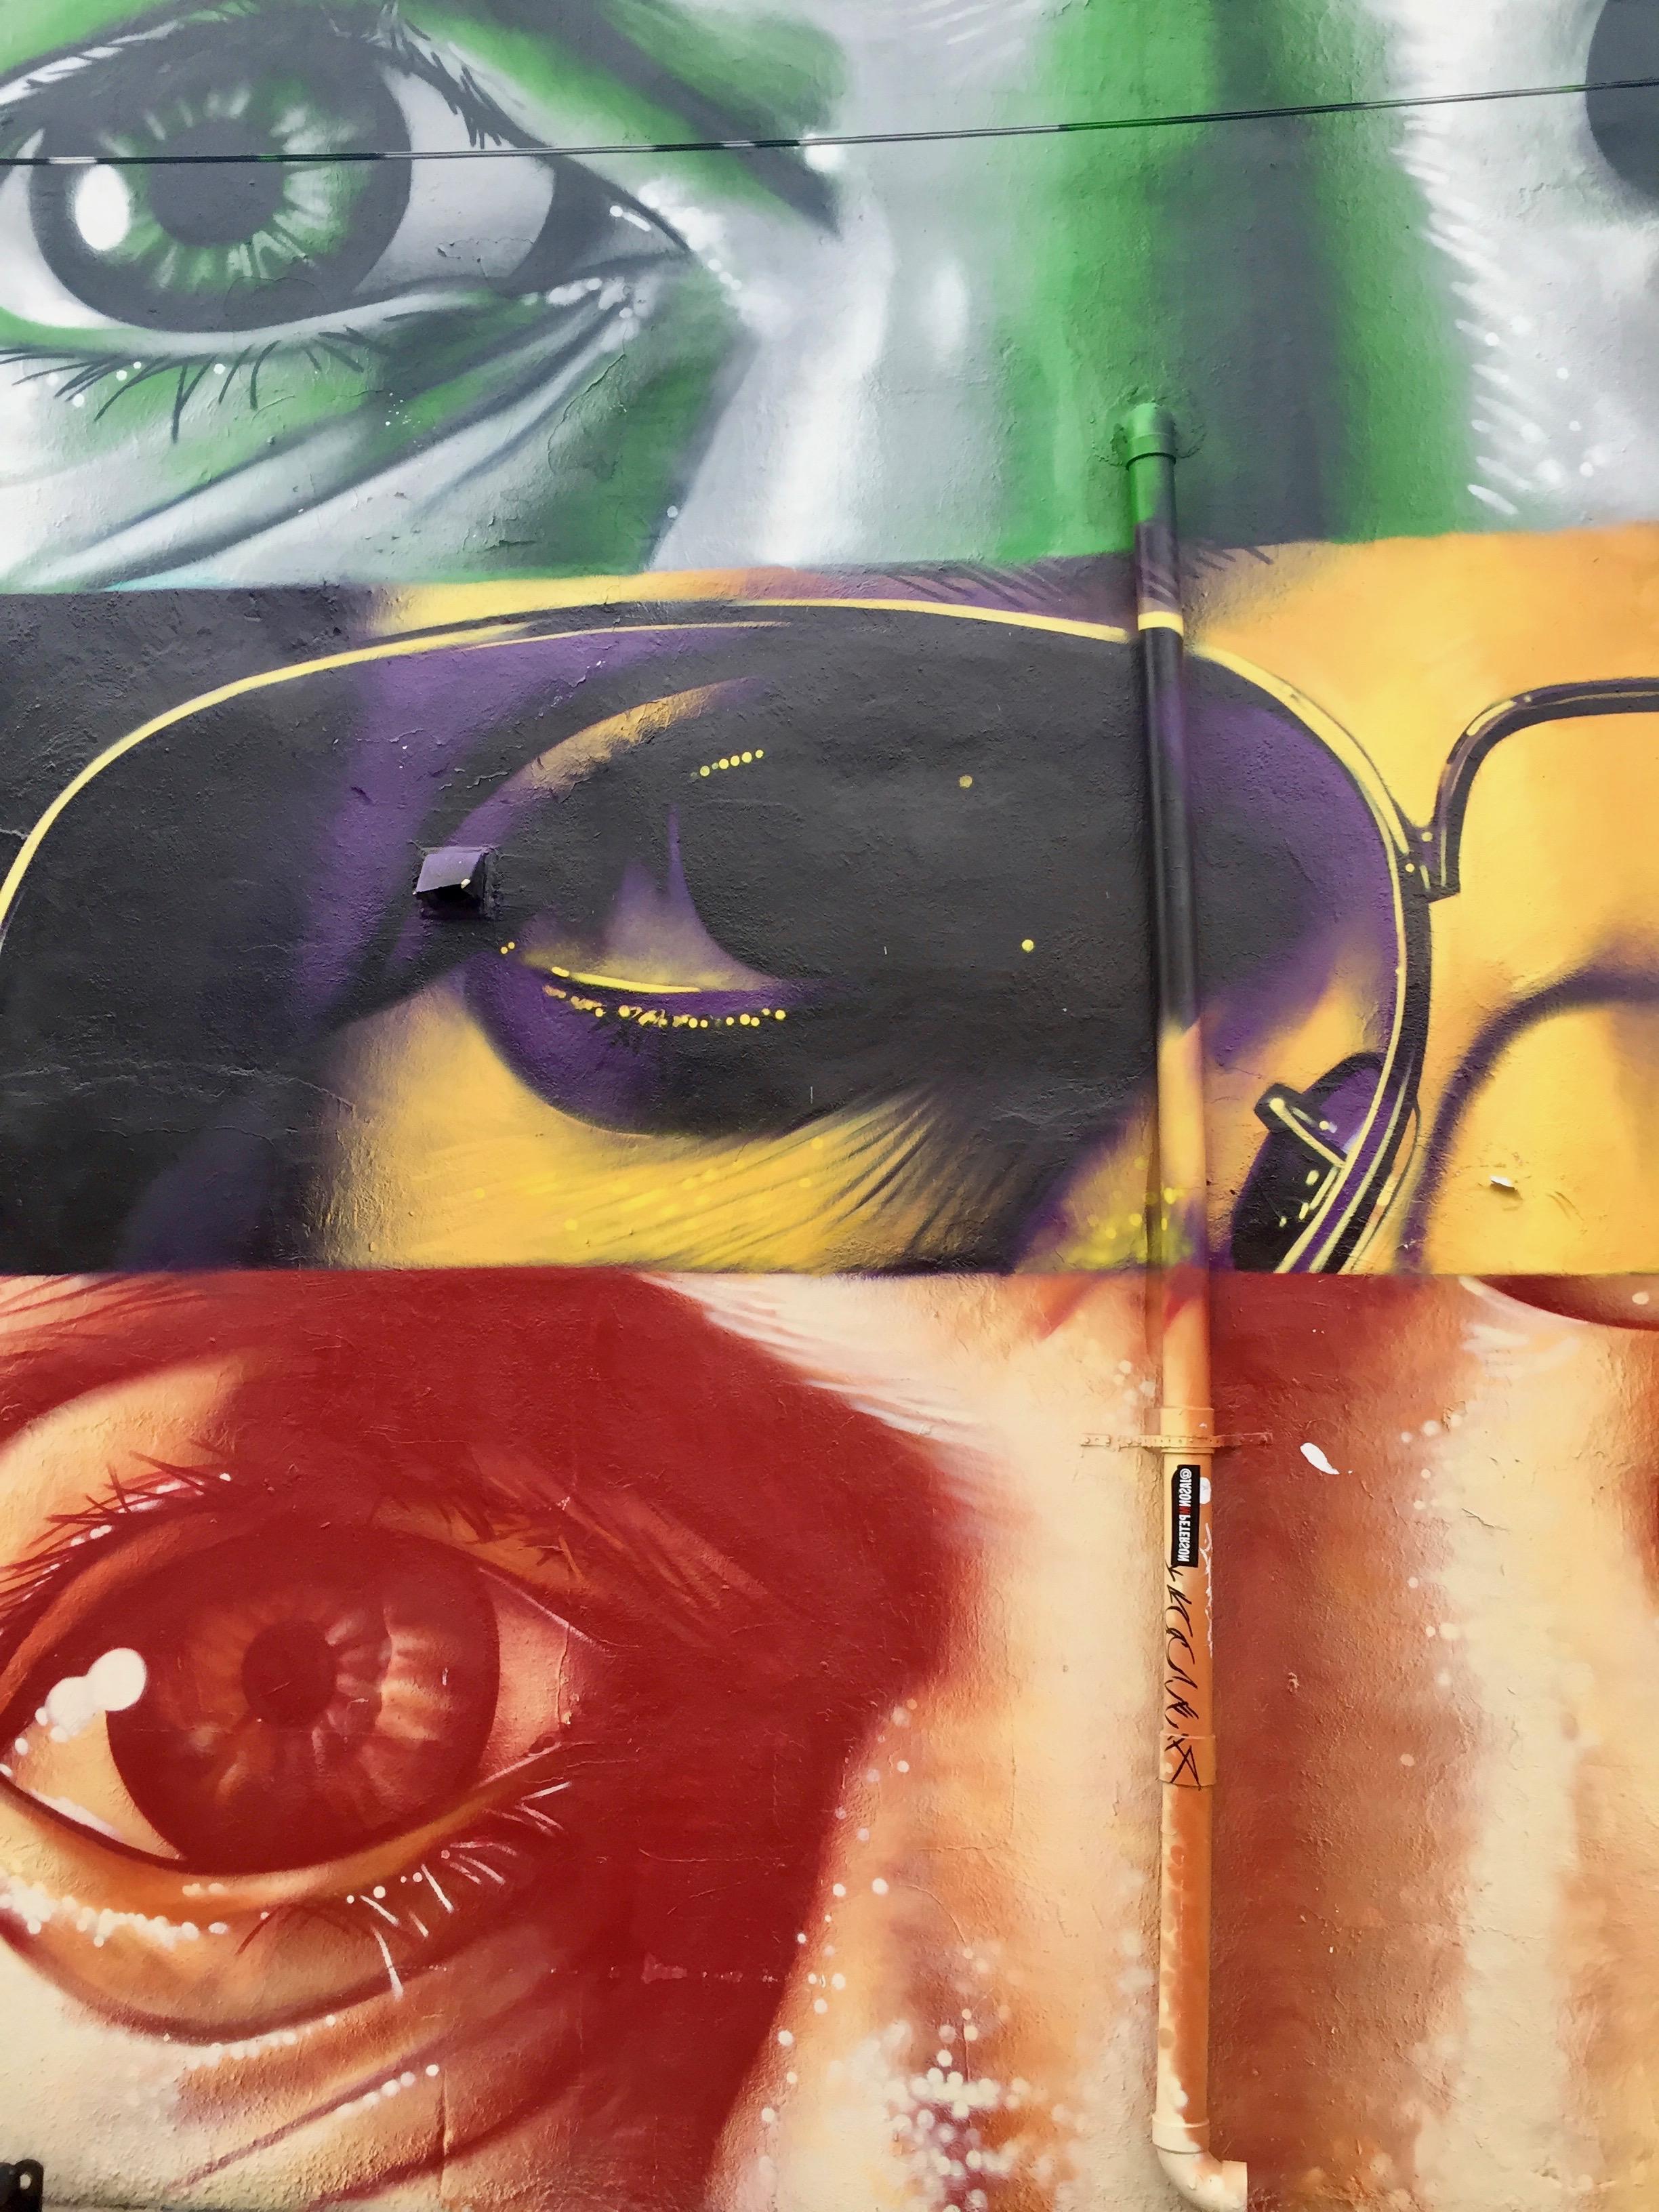 """Vecindario """"sool"""" Visita """"Wynwood Walls"""" y sus maravillosos murales y galerías de arte, y luego piérdete entre sus calles. En cada esquina verás arte urbano que te sorprenderá. Un vecindario en constante evolución.Foto suministrada"""